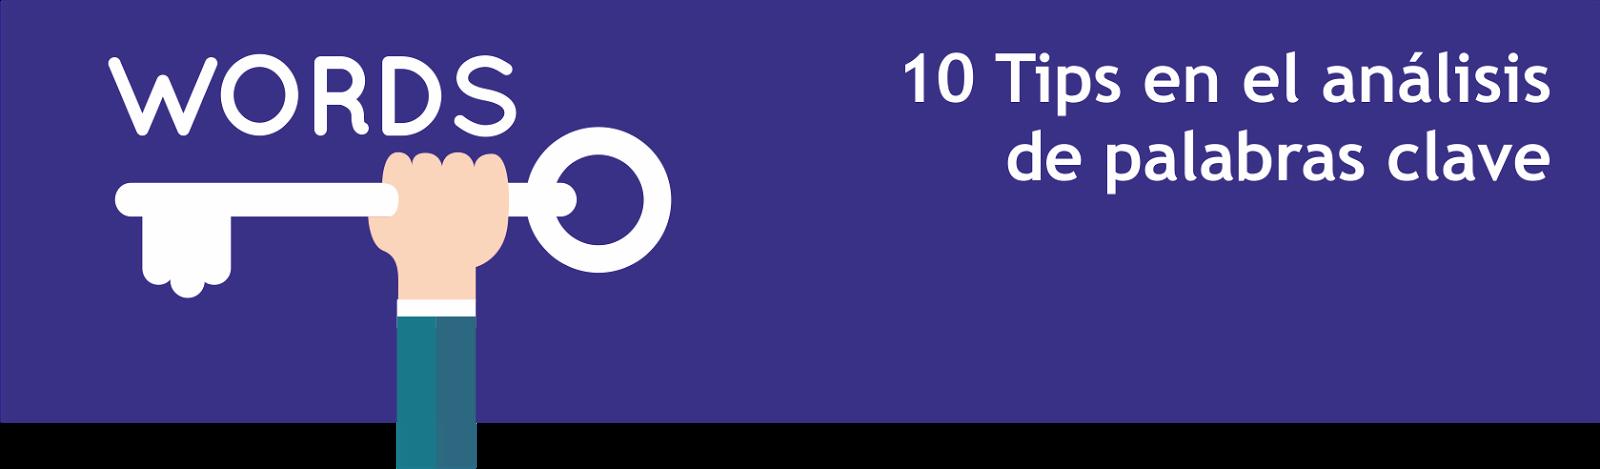 10 Tips en el análisis de palabras clave